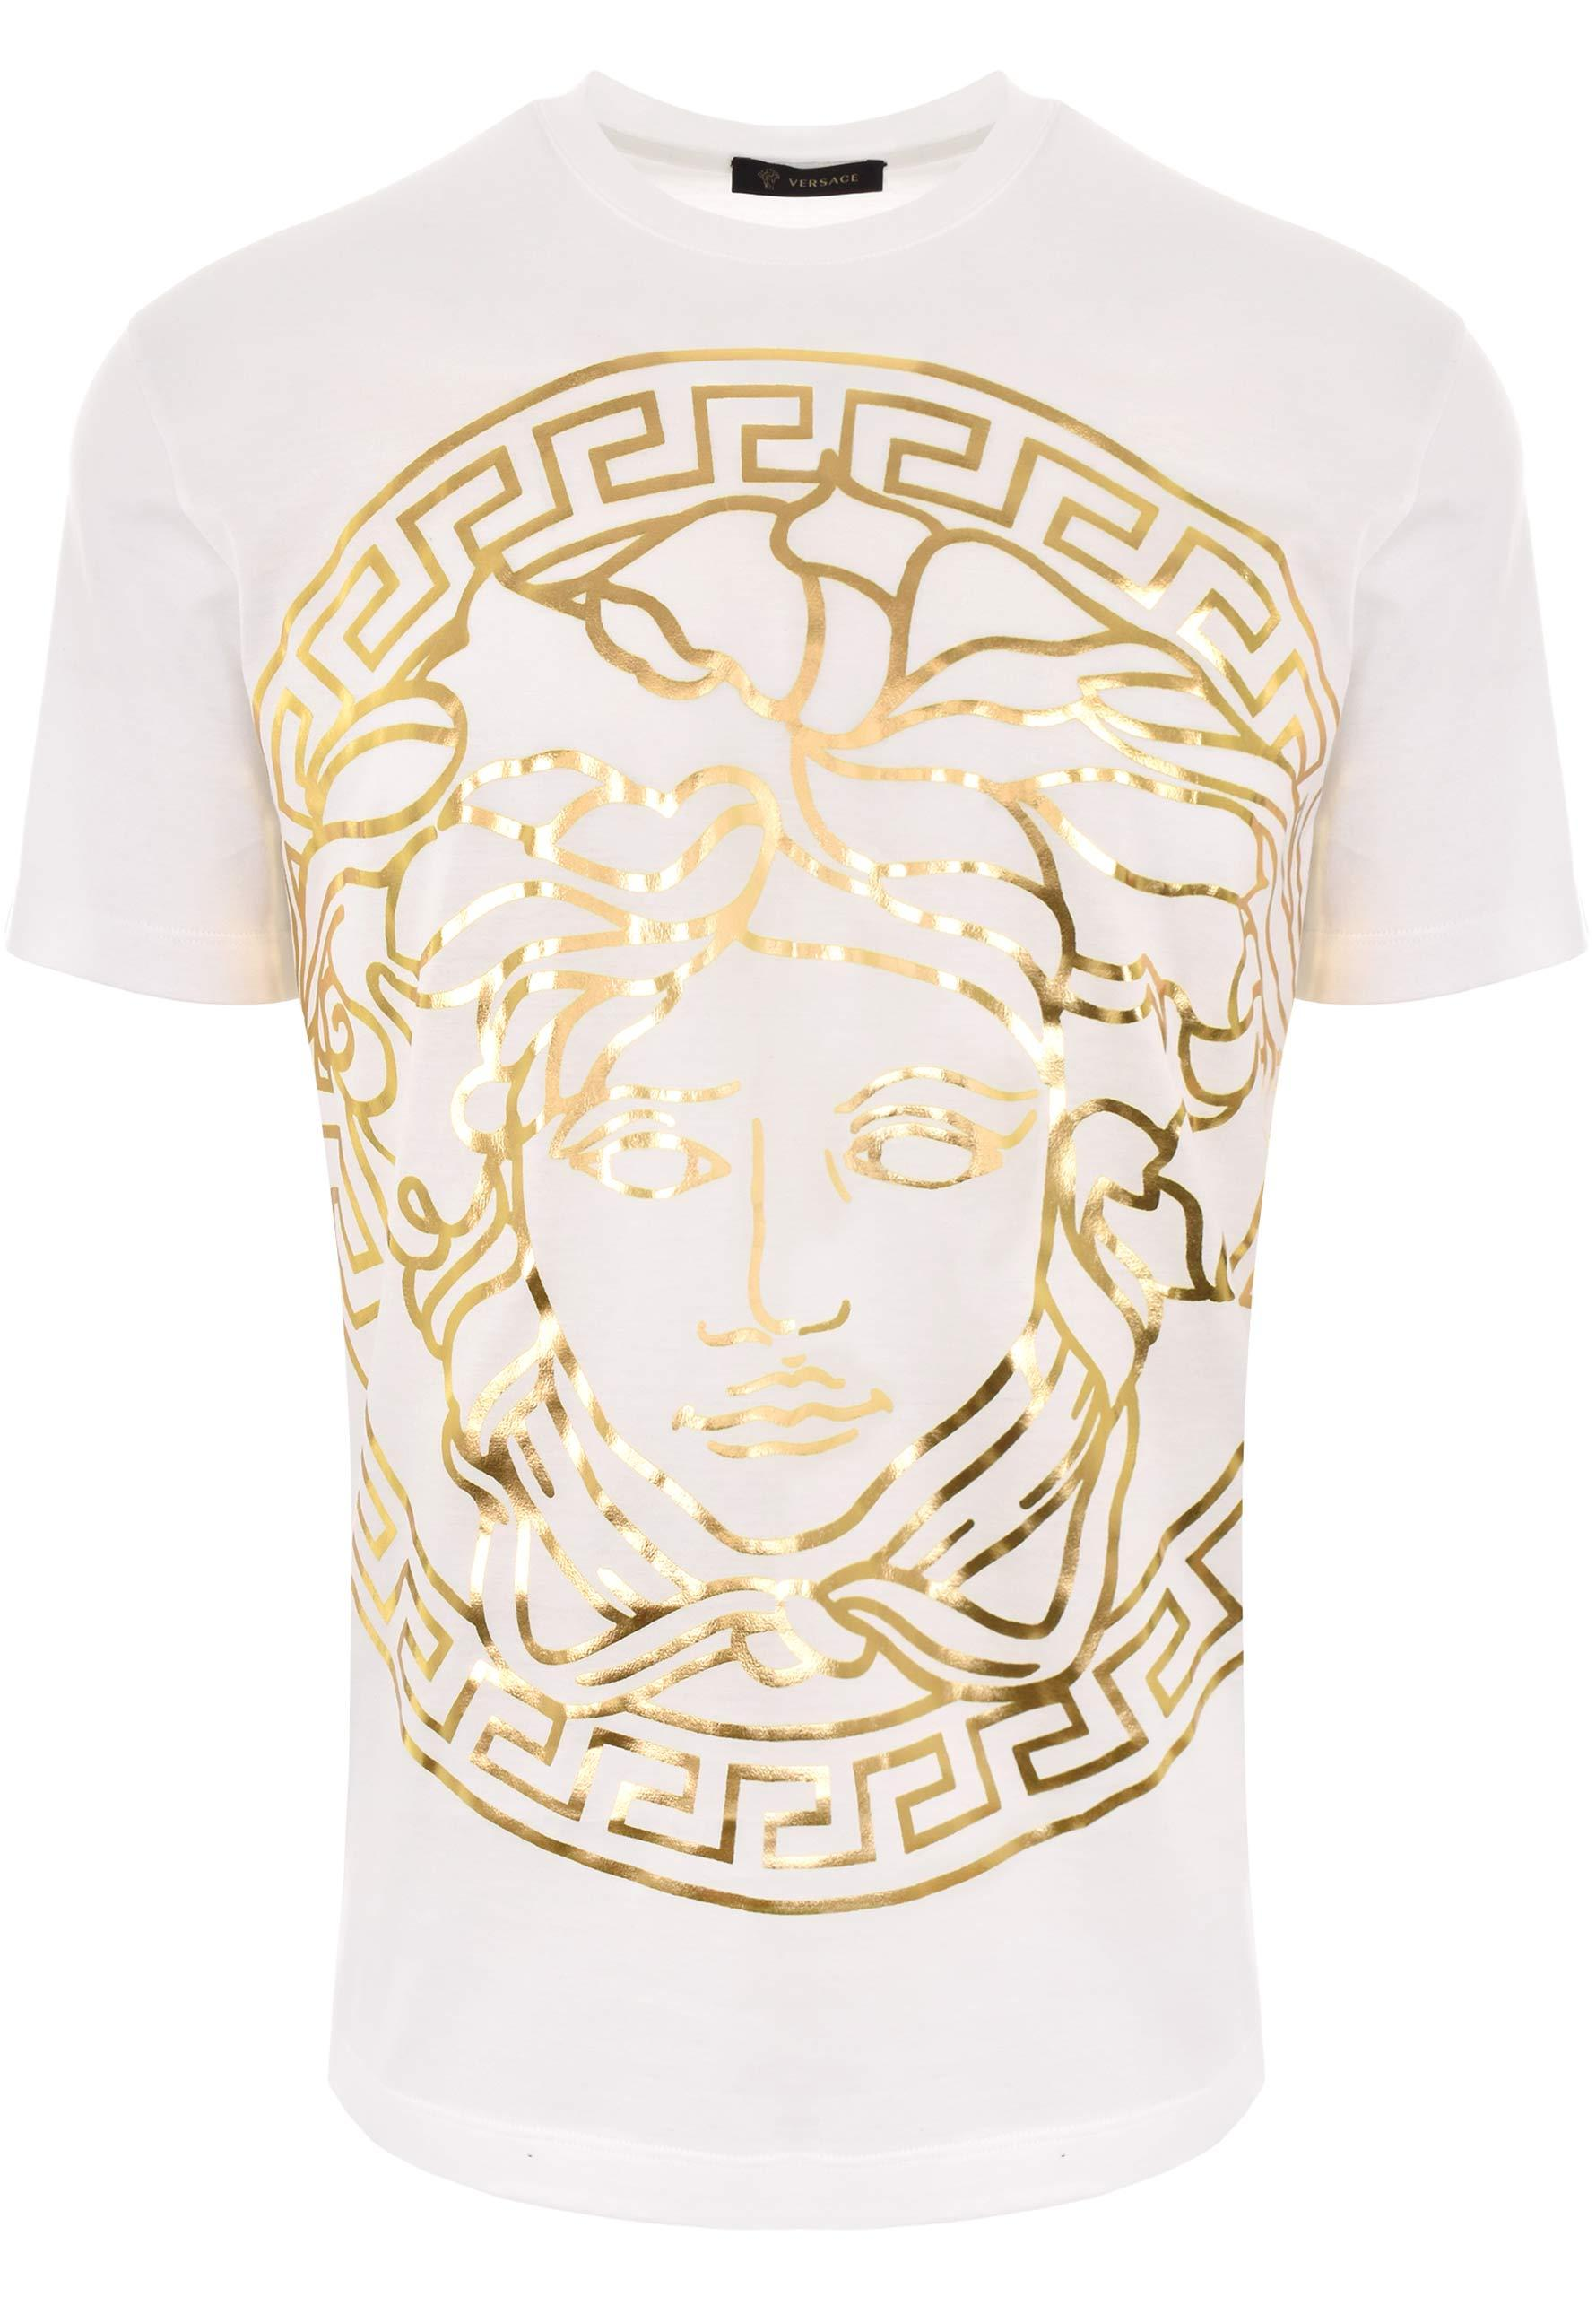 b461ac86 Versace Large Medusa Head Print T-shirt White/gold in White for Men ...